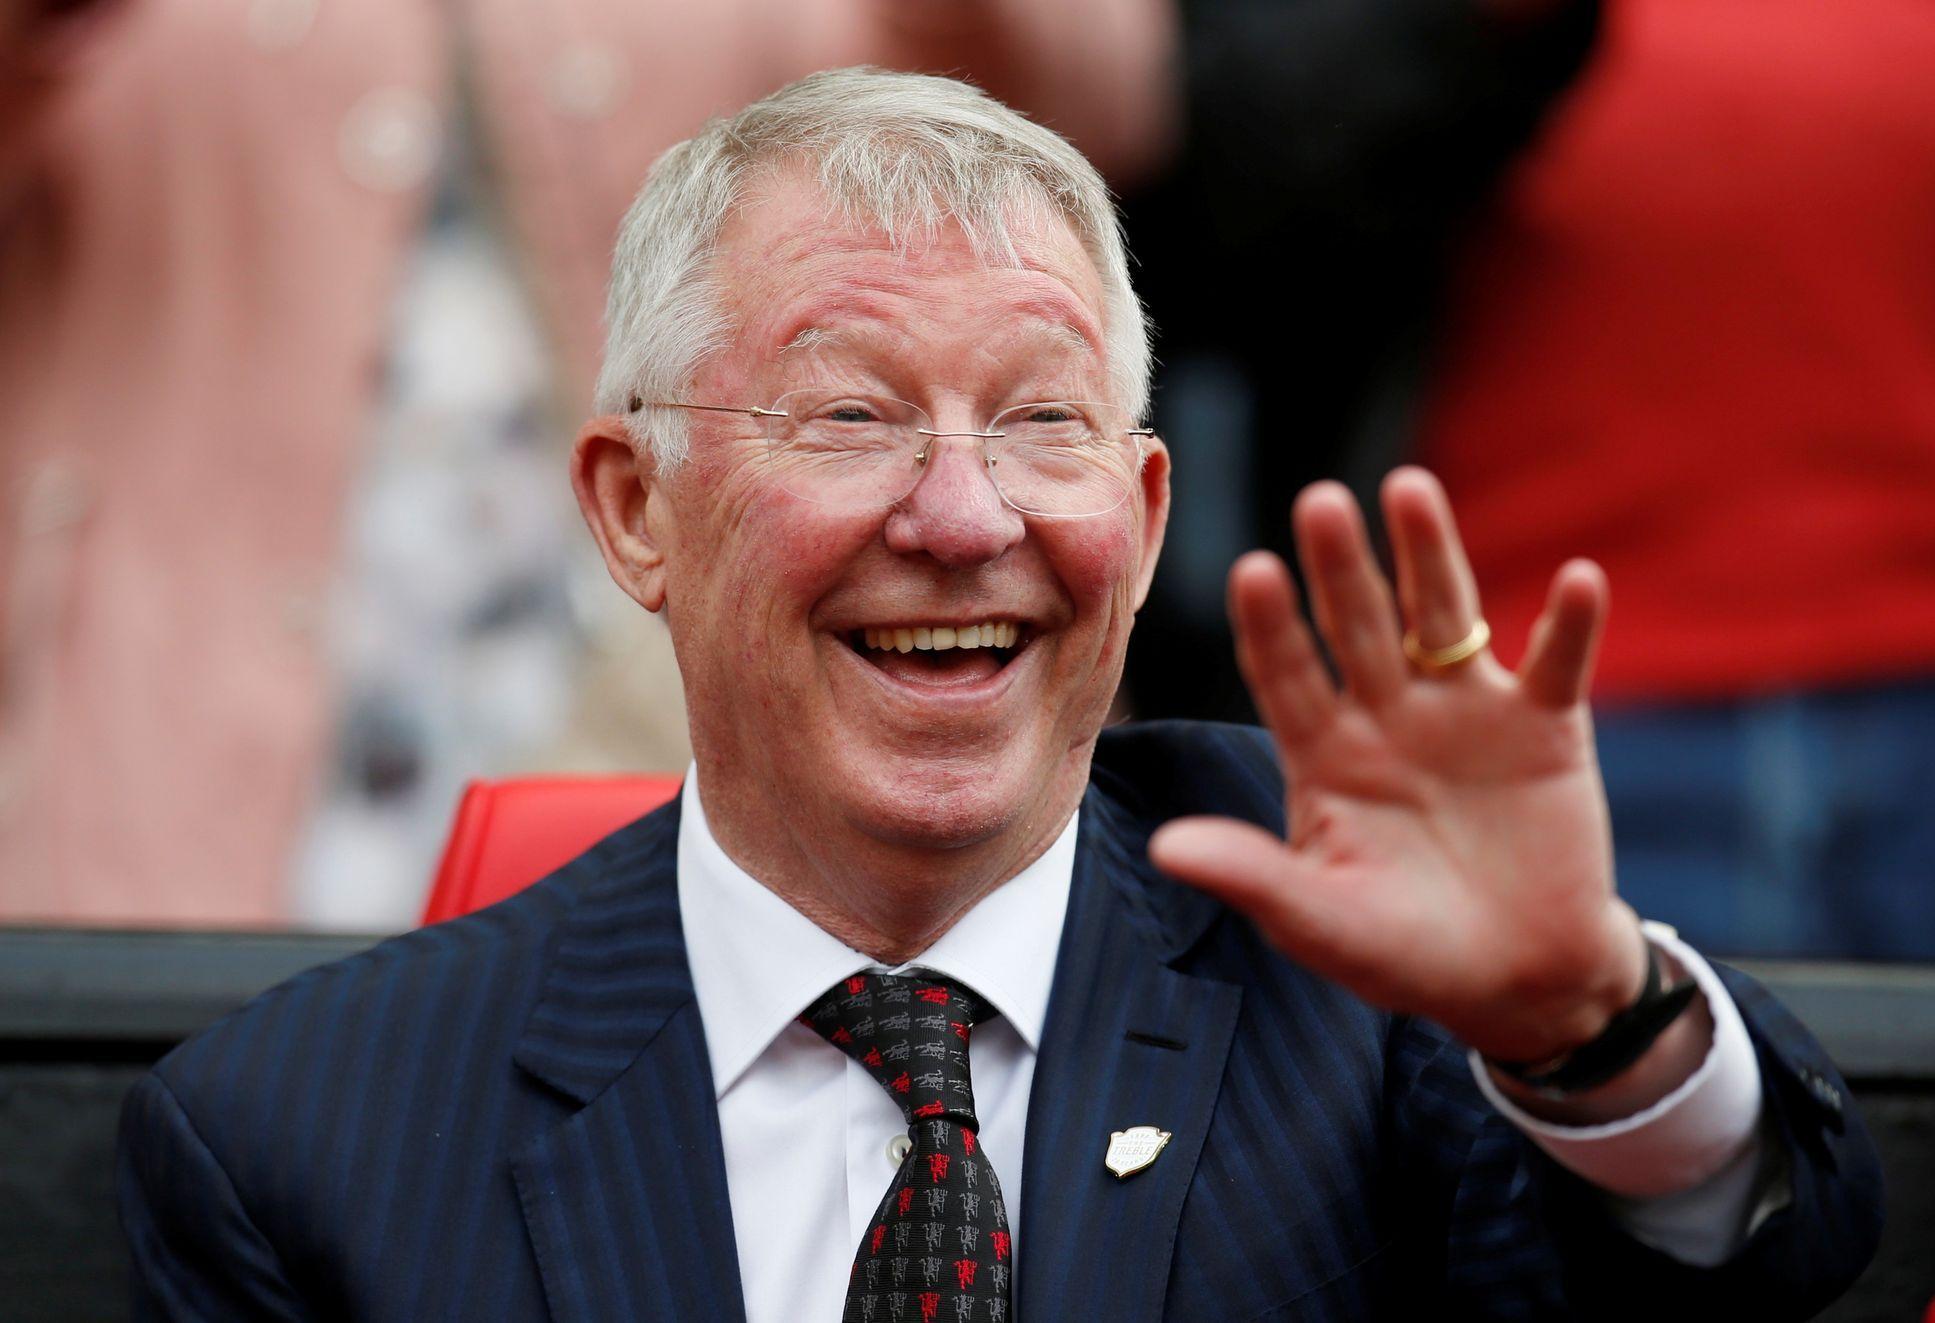 Přesně 6. listopadu 1986 se stal Alex Ferguson manažerem Manchesteru United. Než na jeho lavičce dokoučoval 19. května 2013, stihl s ním mimo jiné získat rekordních třináct anglických titulů, dvakrát triumfovat v Lize mistrů či získat pět Anglických pohárů.